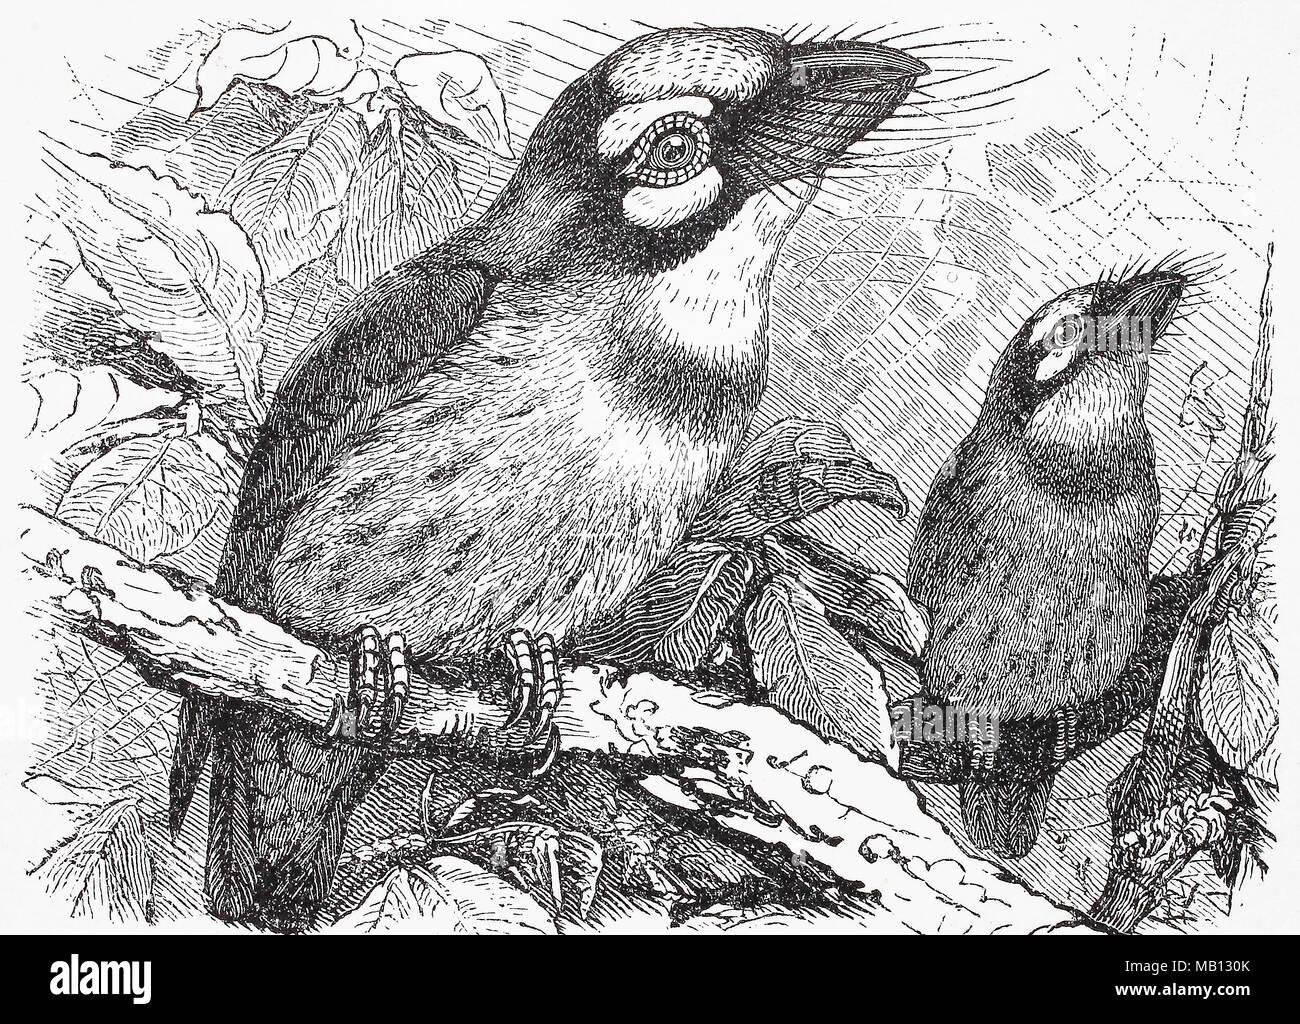 Rotkehliger Bartvogel, Rotgesicht-Bartvogel, Lybius rubrifacies, red-faced Barbet, digital verbesserte Reproduktion einer Vorlage drucken aus dem Jahr 1895 Stockbild